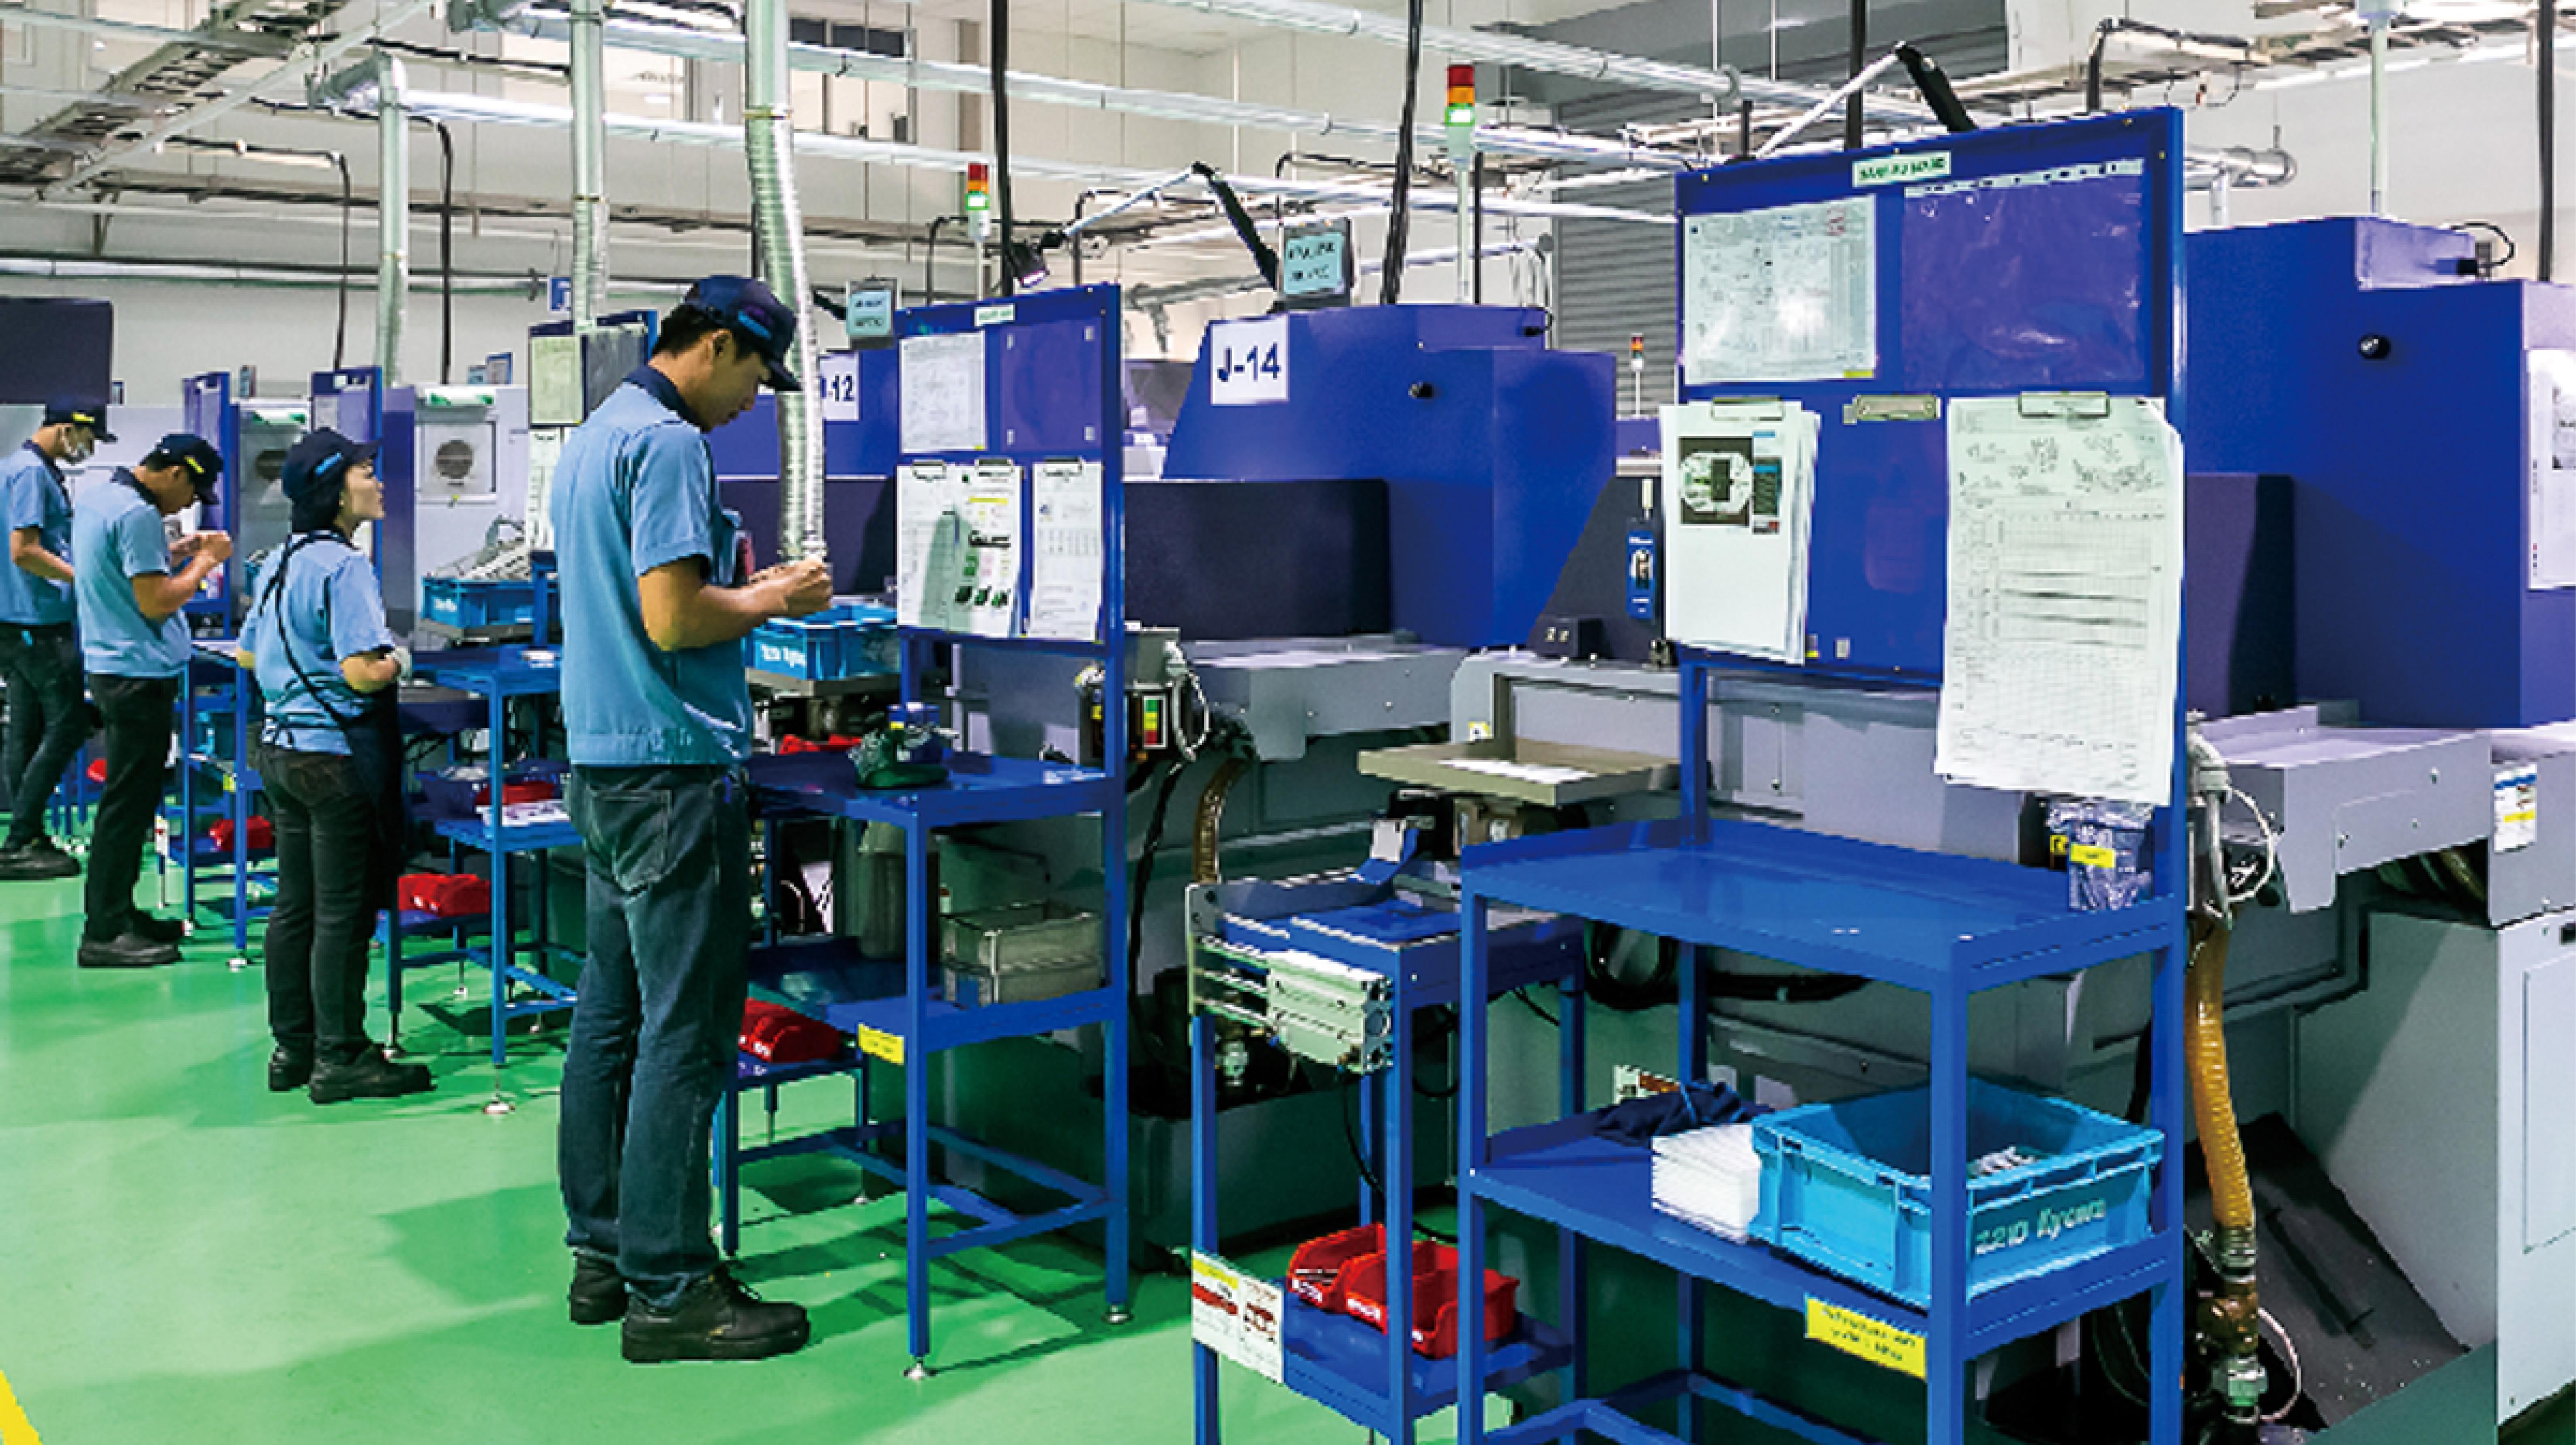 新工場には最先端の設備が勢揃い